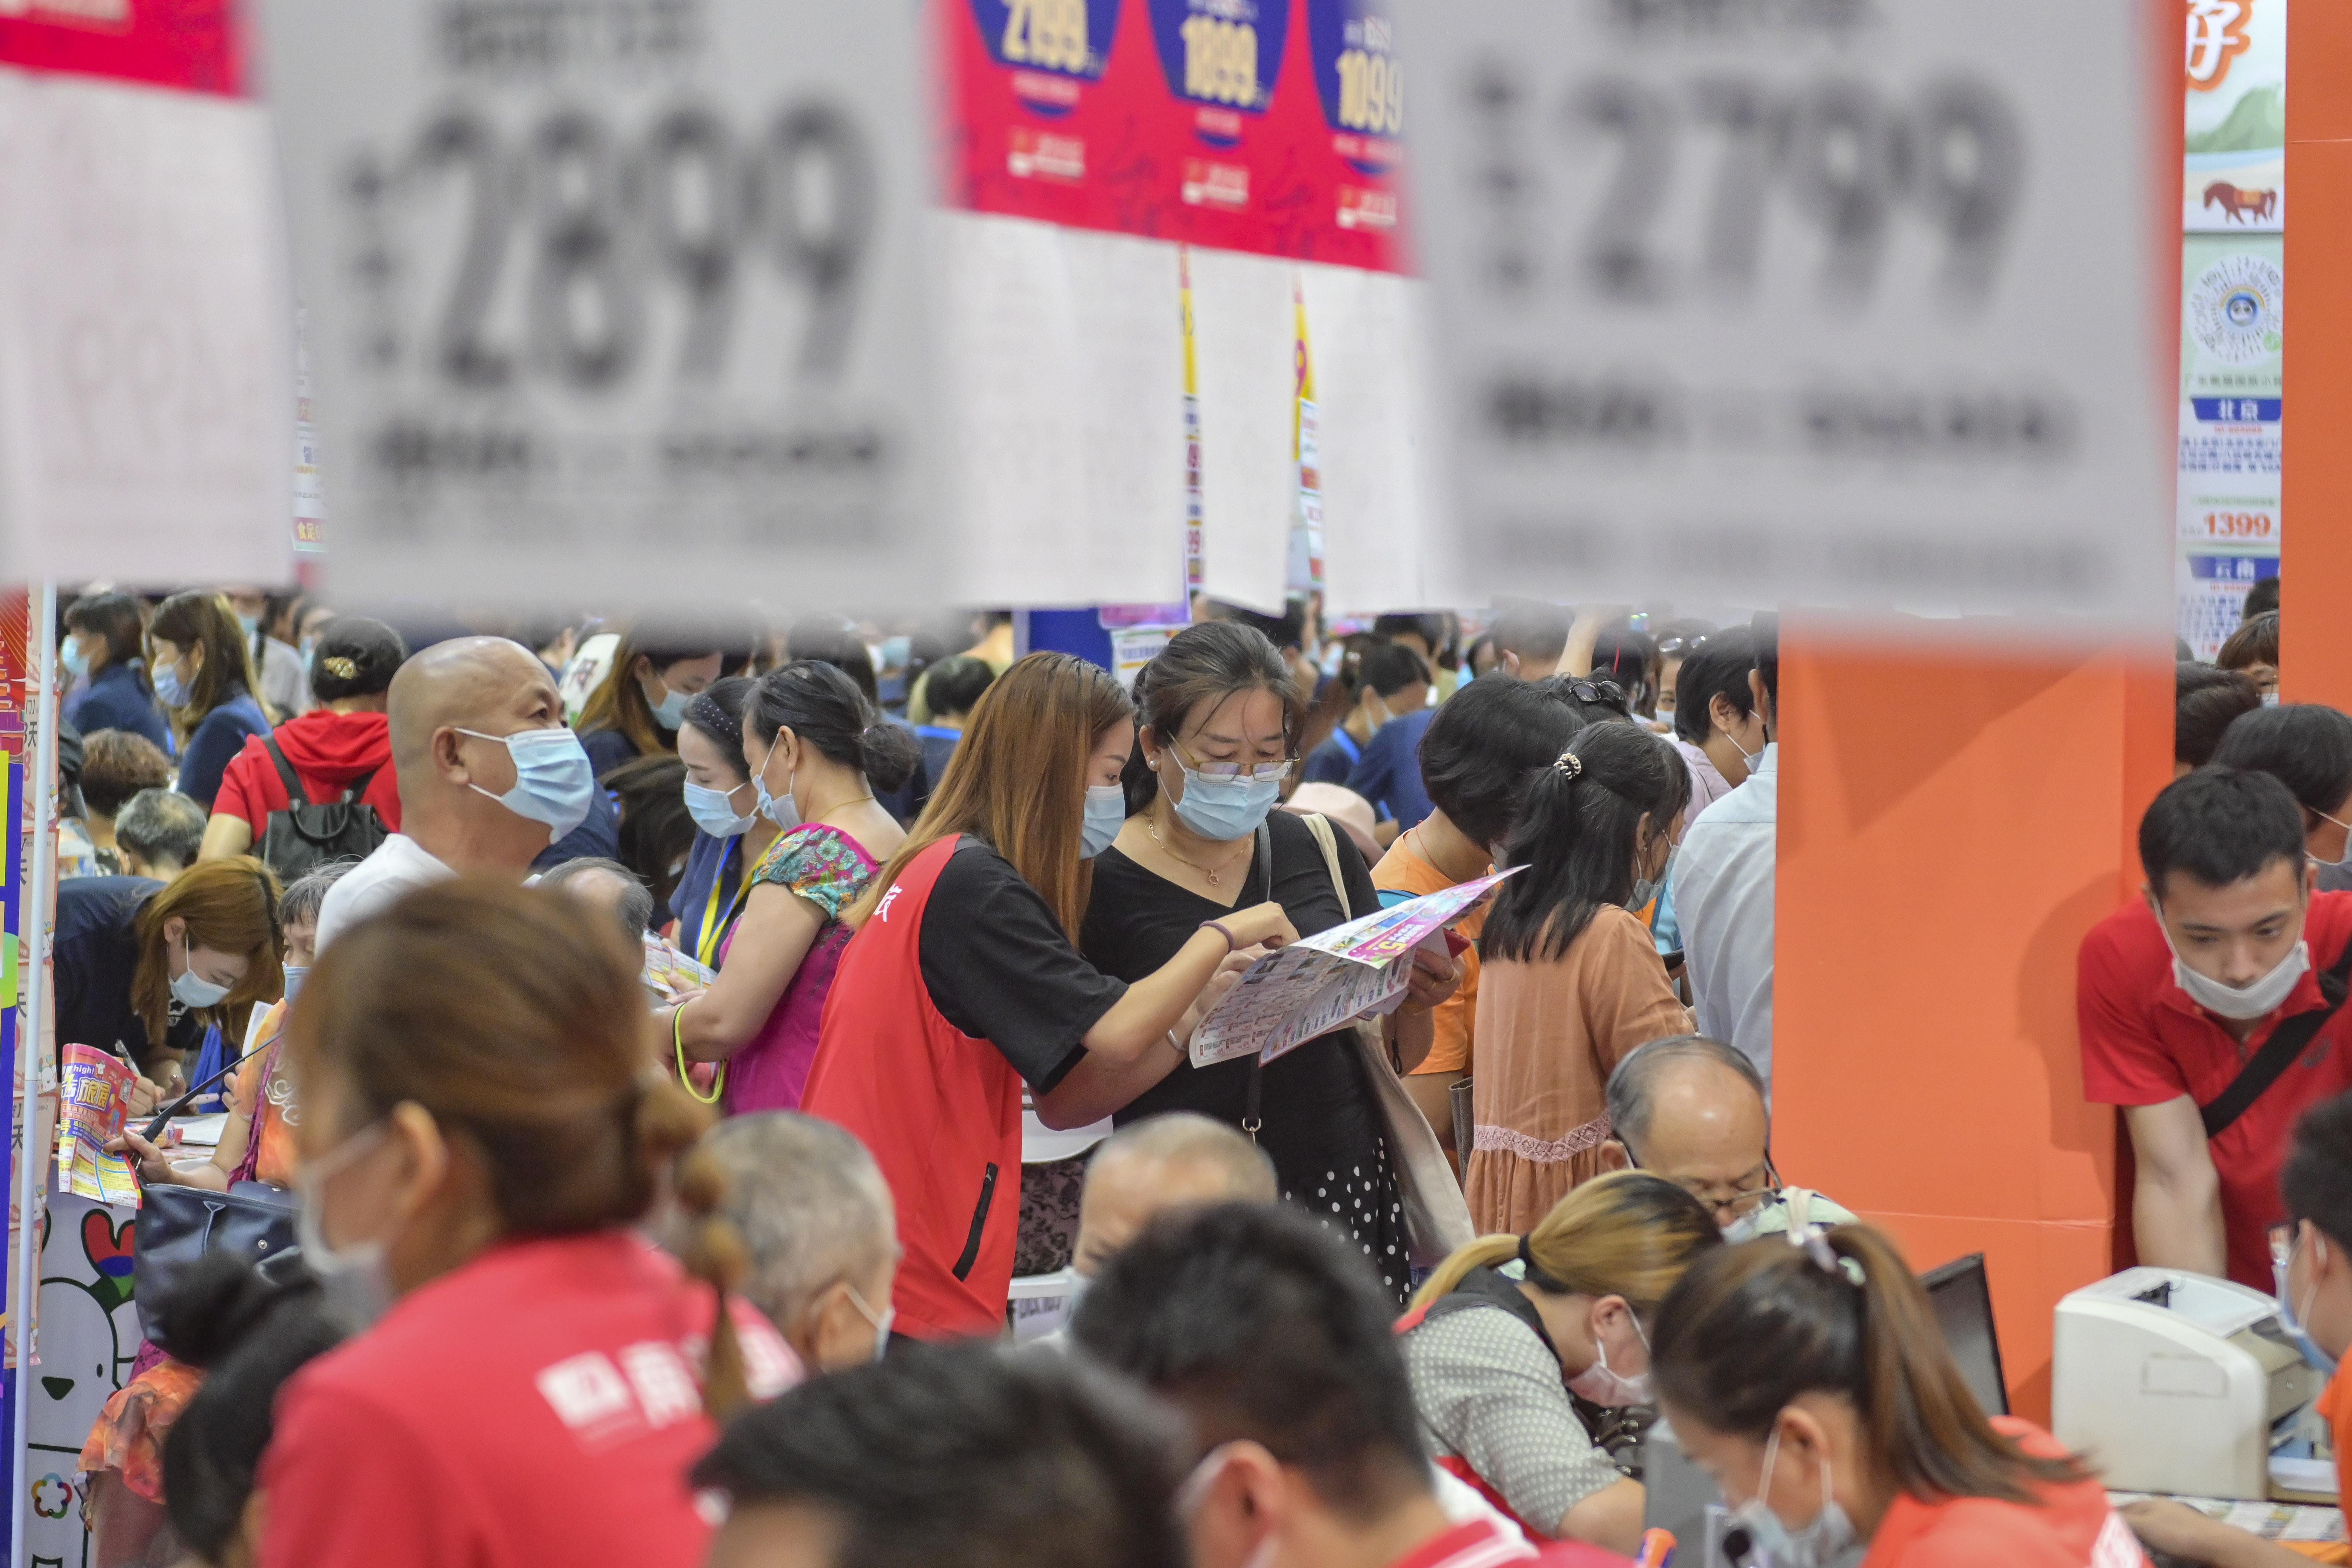 外交部:國慶假期盡量避免非必要跨境旅行